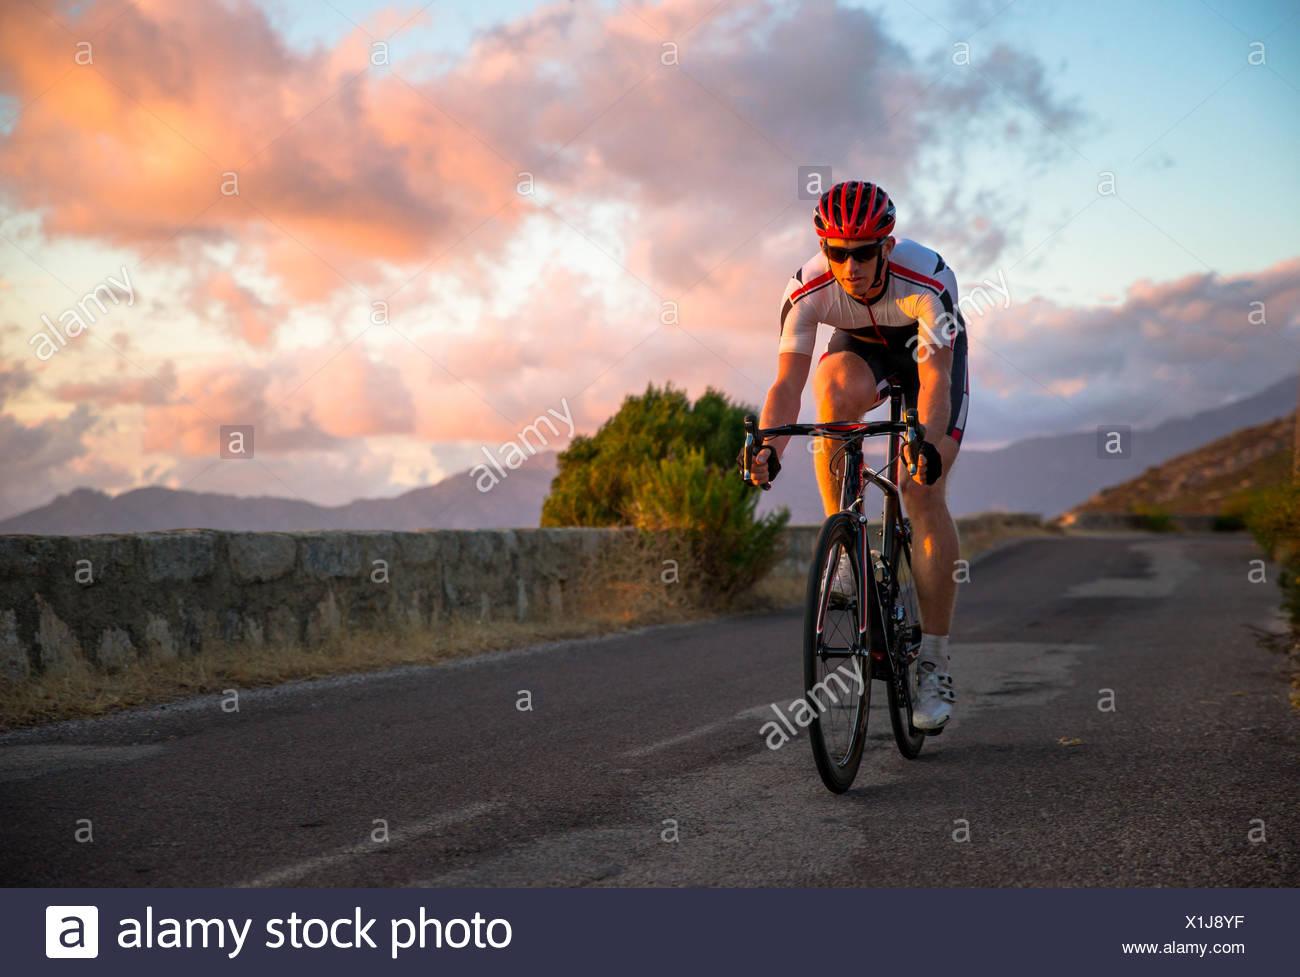 Hombre en bicicleta al atardecer, Córcega, Francia Imagen De Stock